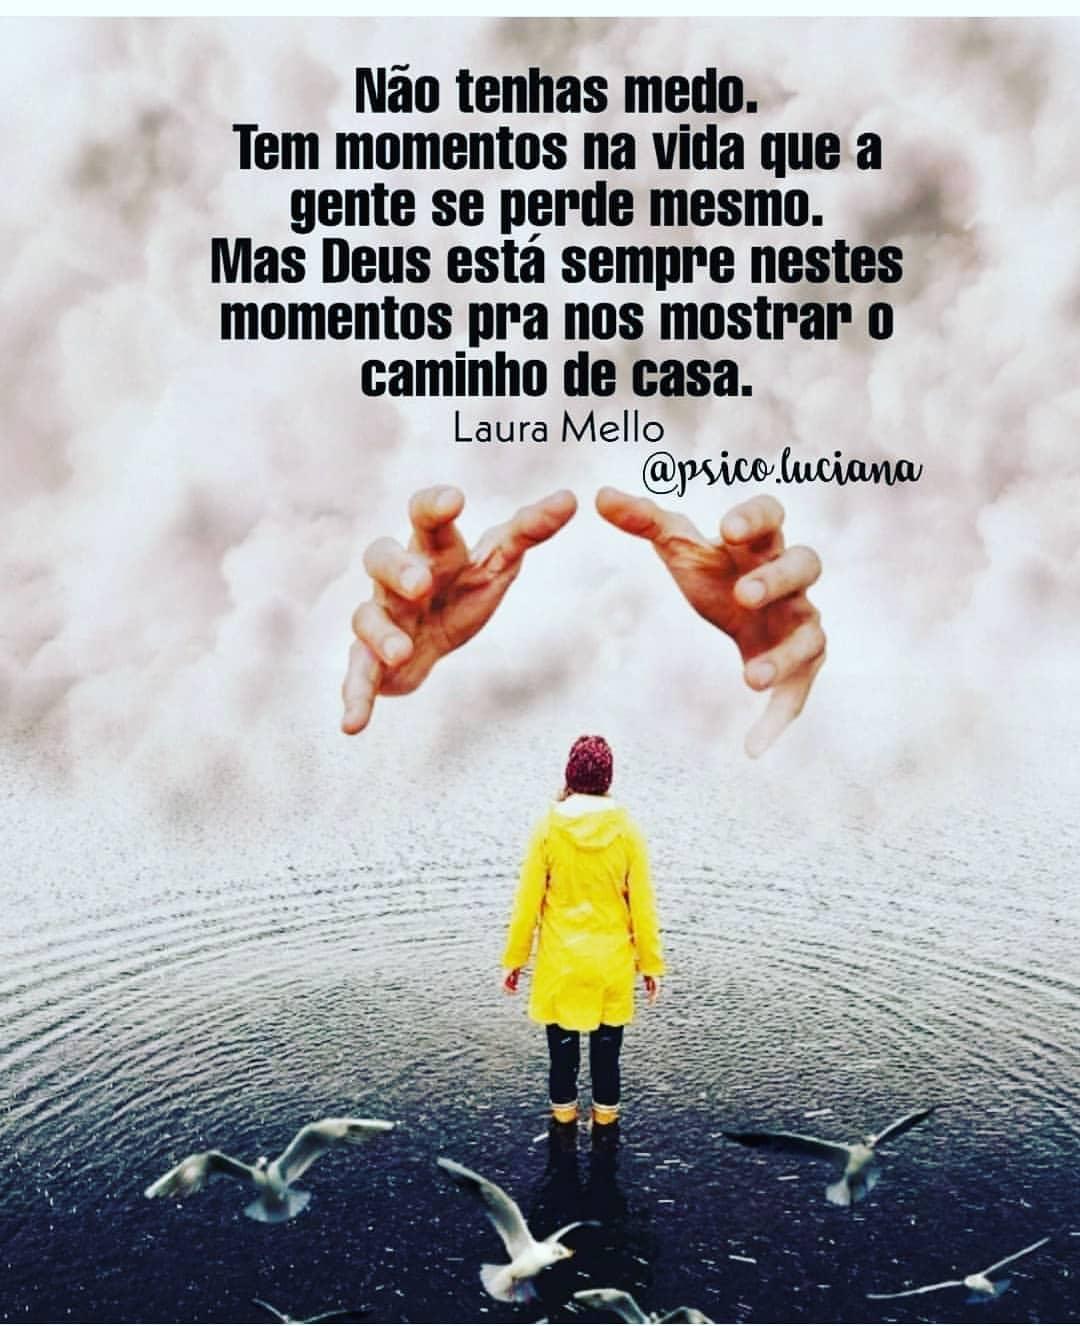 Nao tenhas medo. Tem momentos na vida que a gente se perde mesmos!